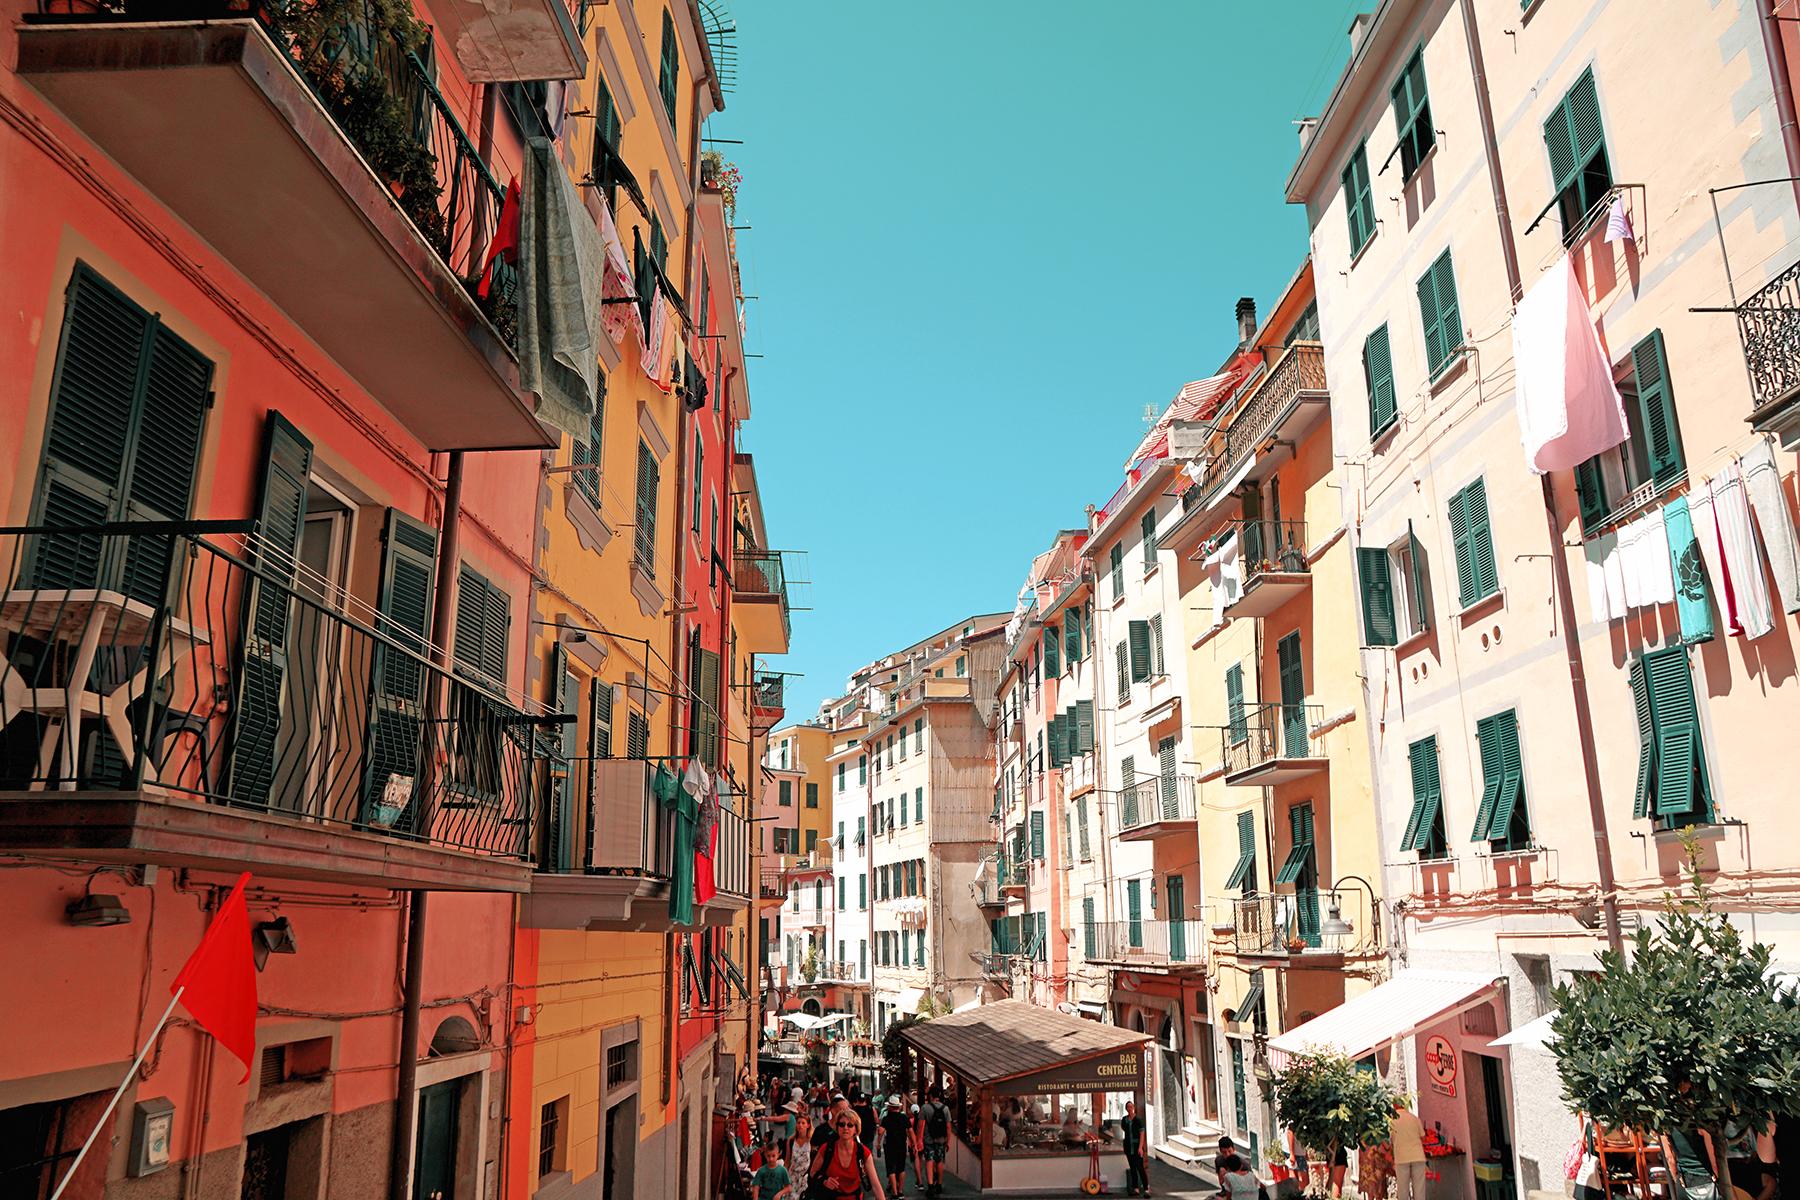 Rue de Riomaggiore